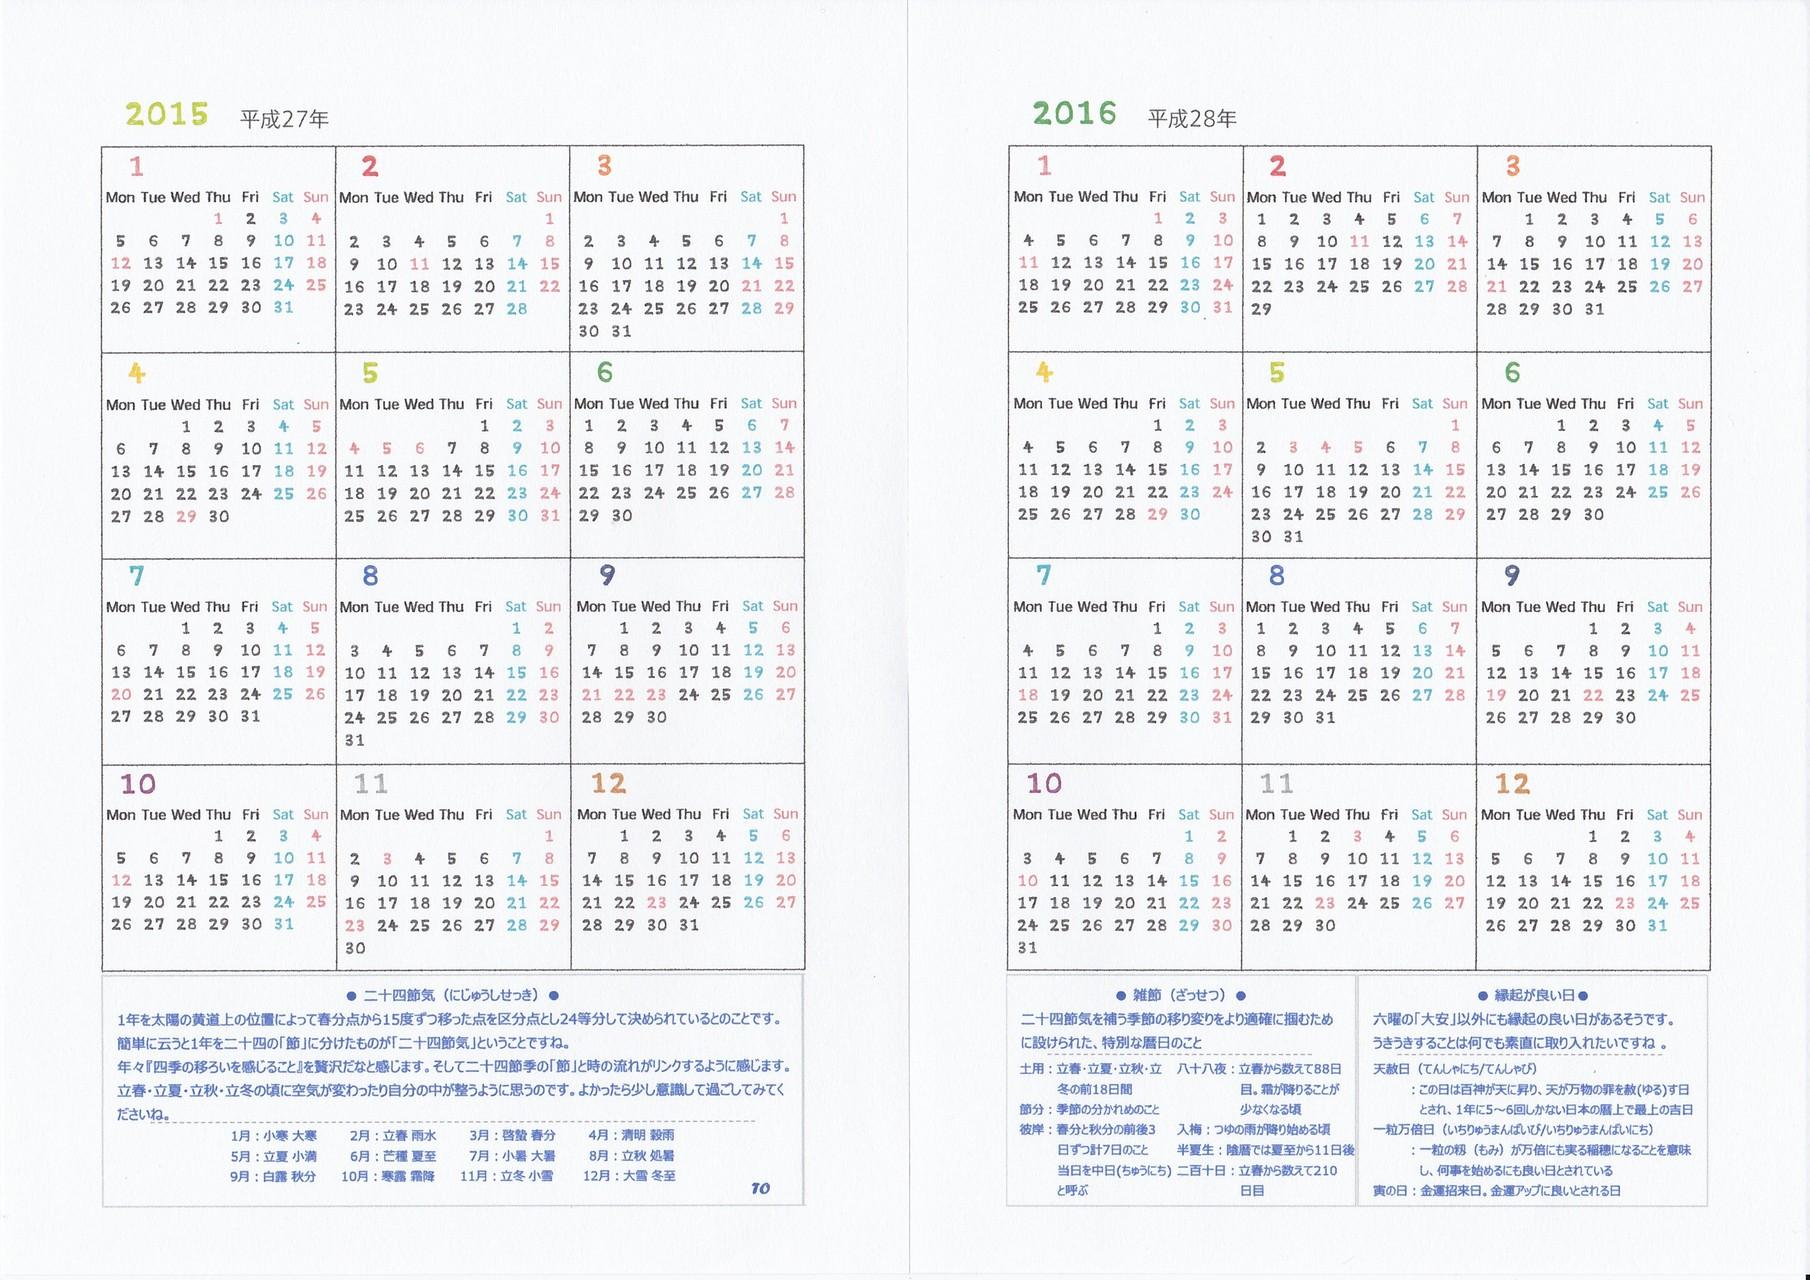 【共通】2015年・2016年カレンダー